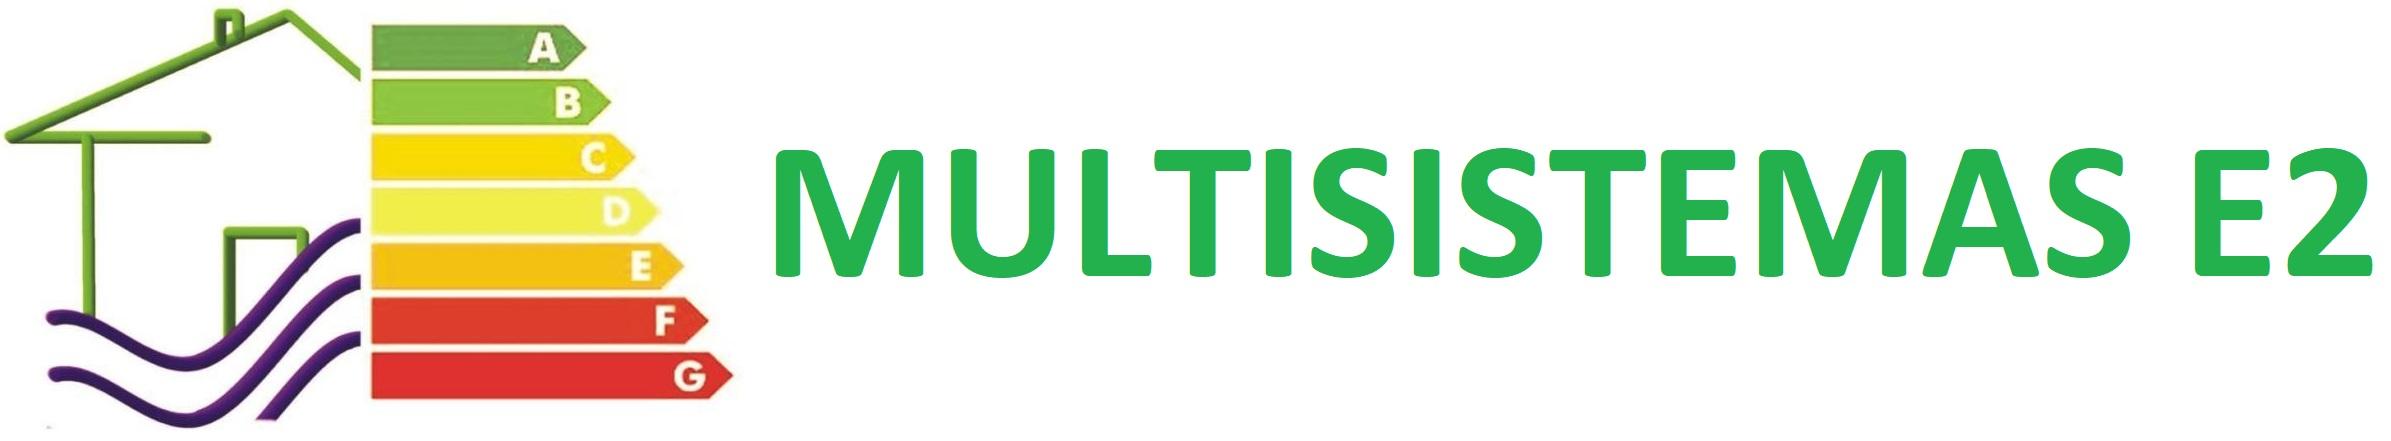 Multisistemas Energías Eficientes S.L. (MultisistemasE2)